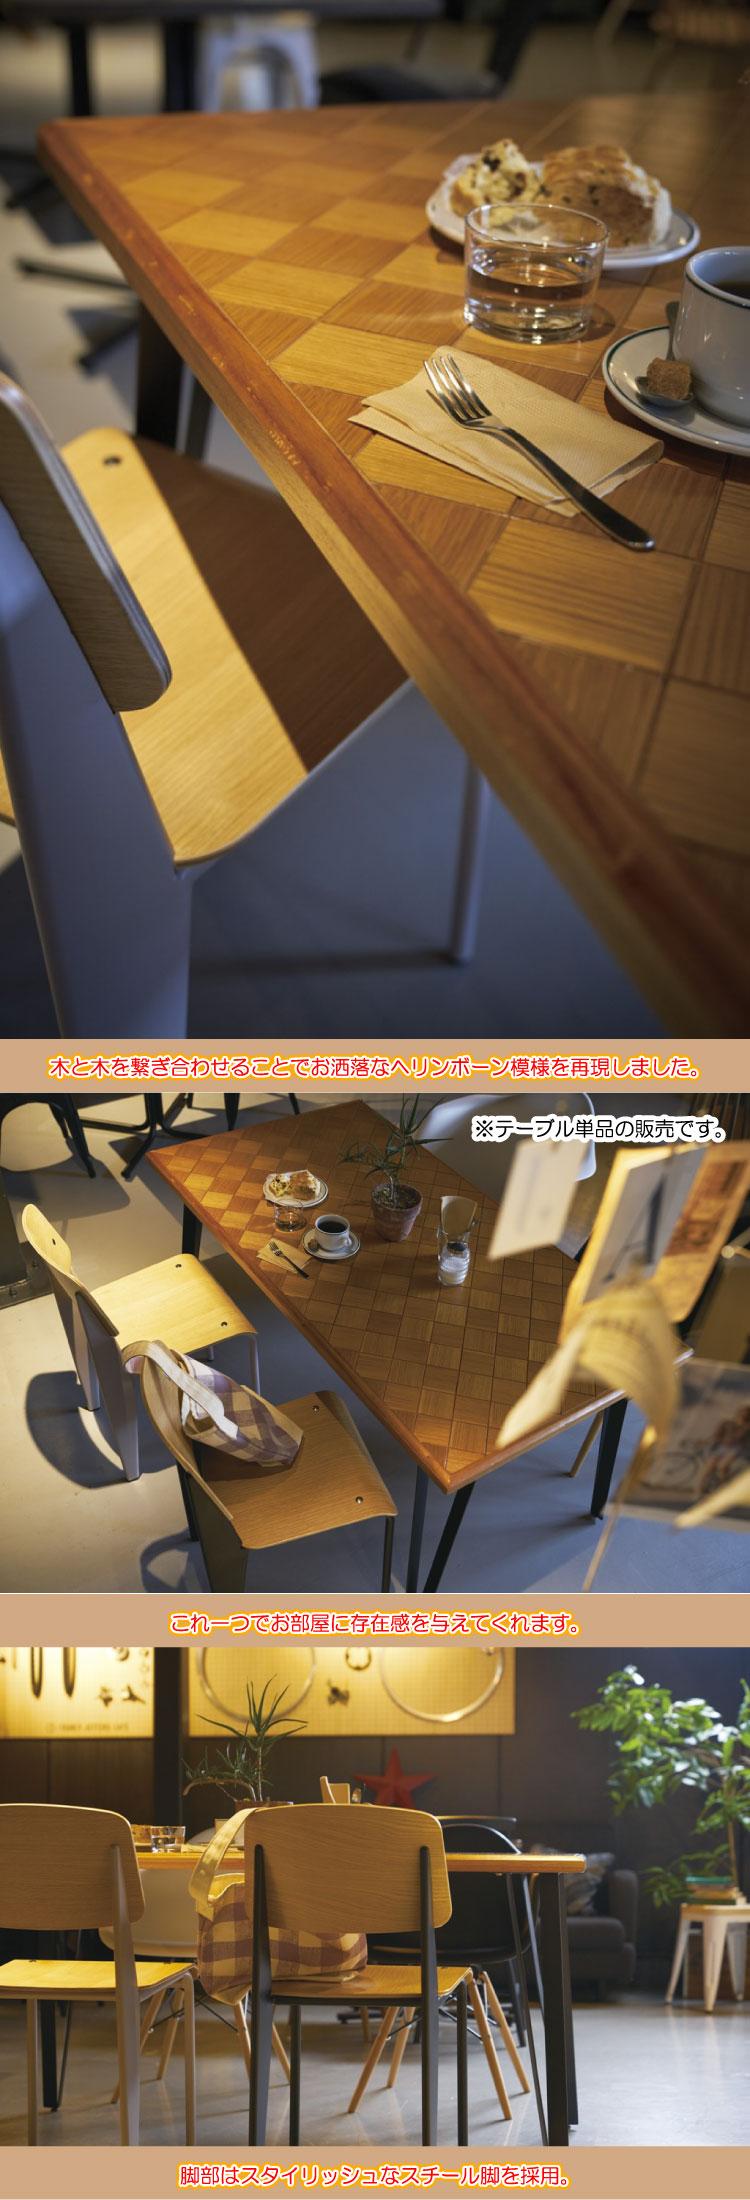 幅150cm・天然木オーク&ミンディ製ダイニングテーブル(ヘリンボーン柄)